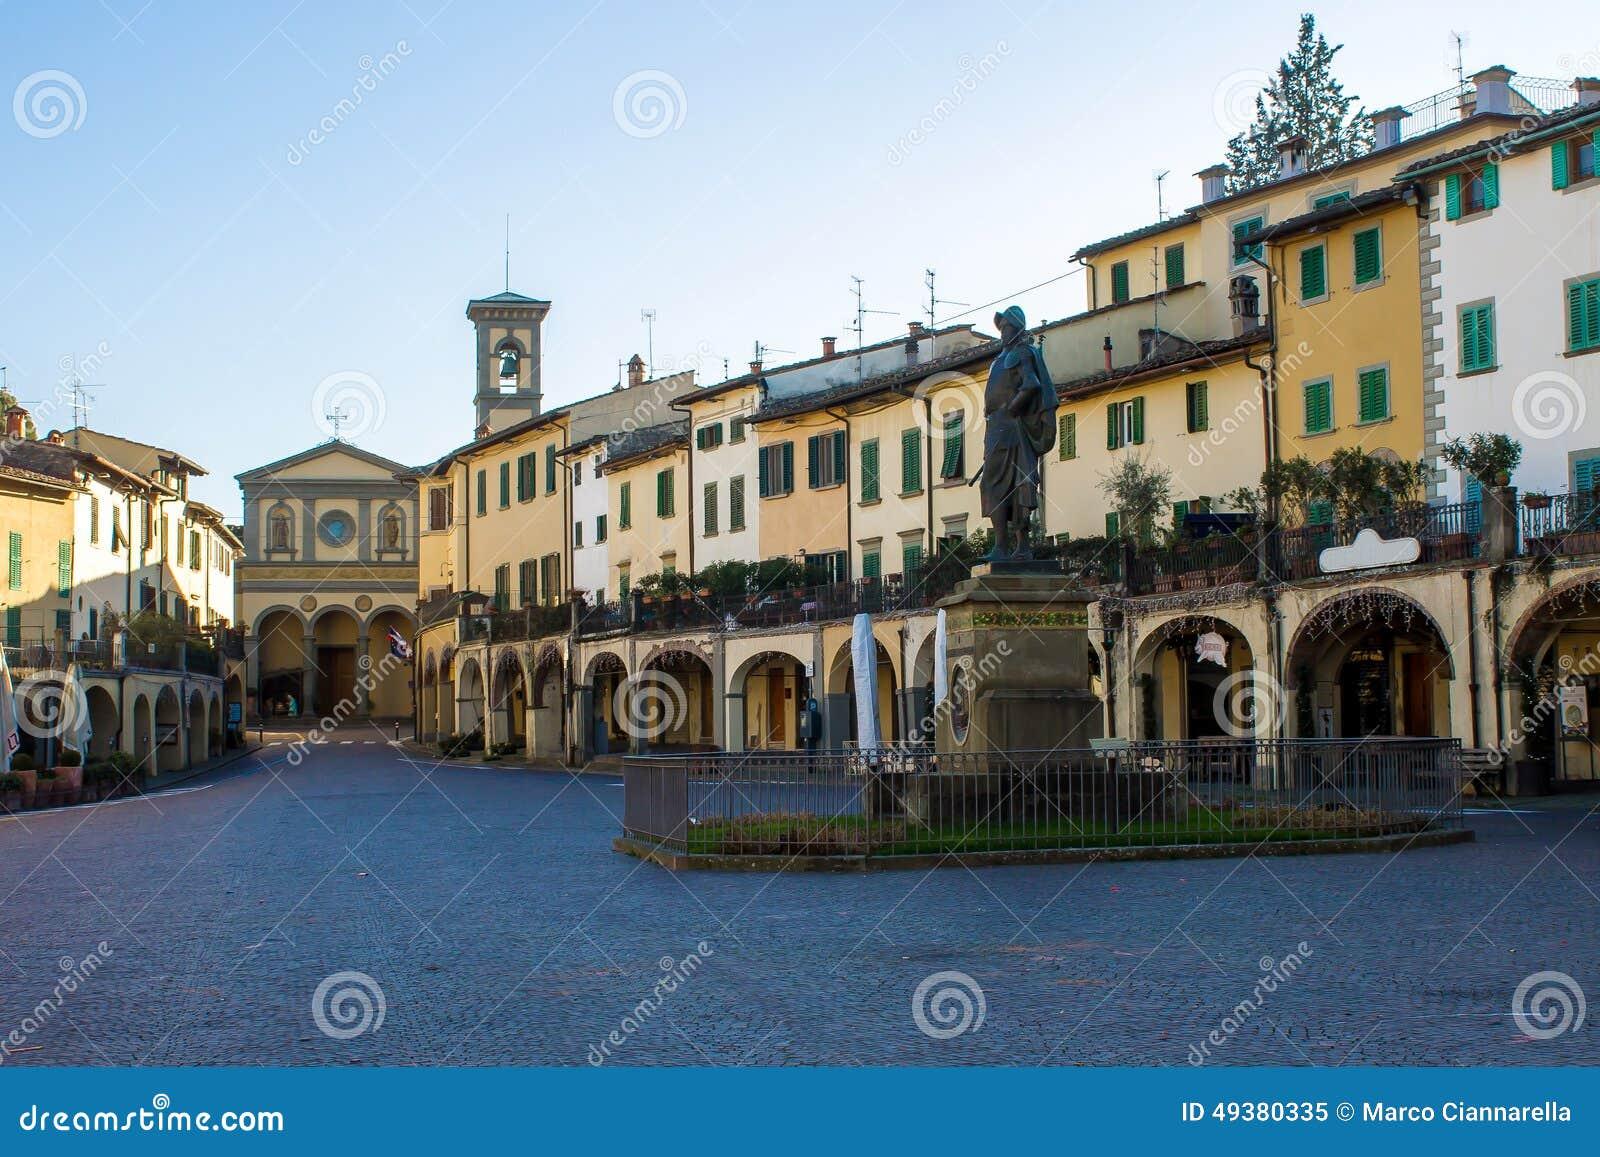 Greve dans le chianti, Italie